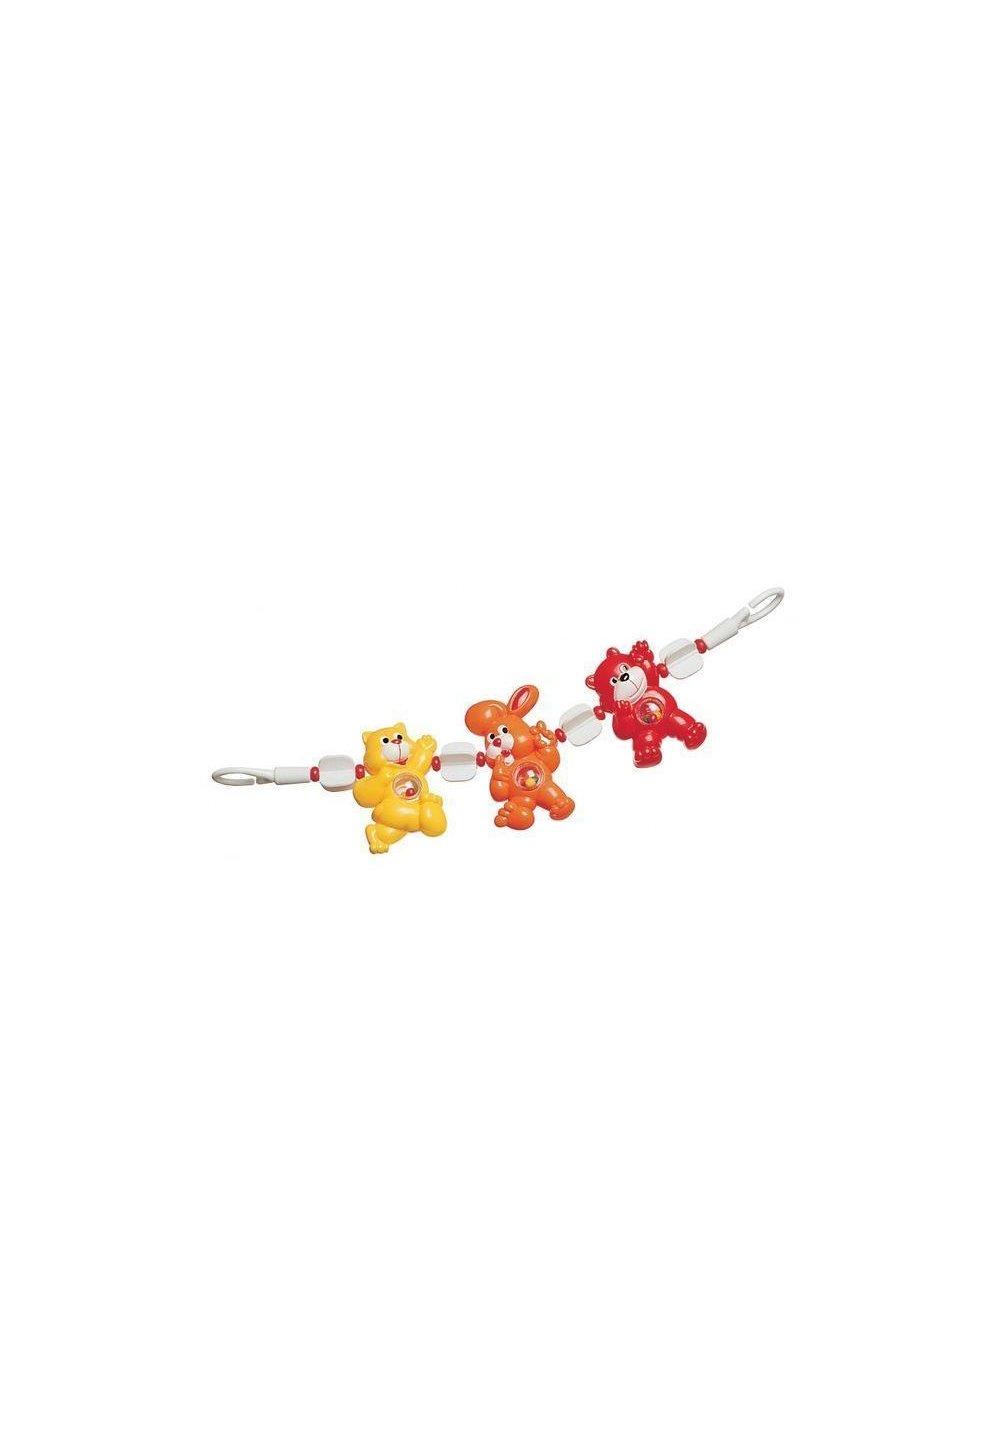 Jucarie carucior, animalute colorate imagine